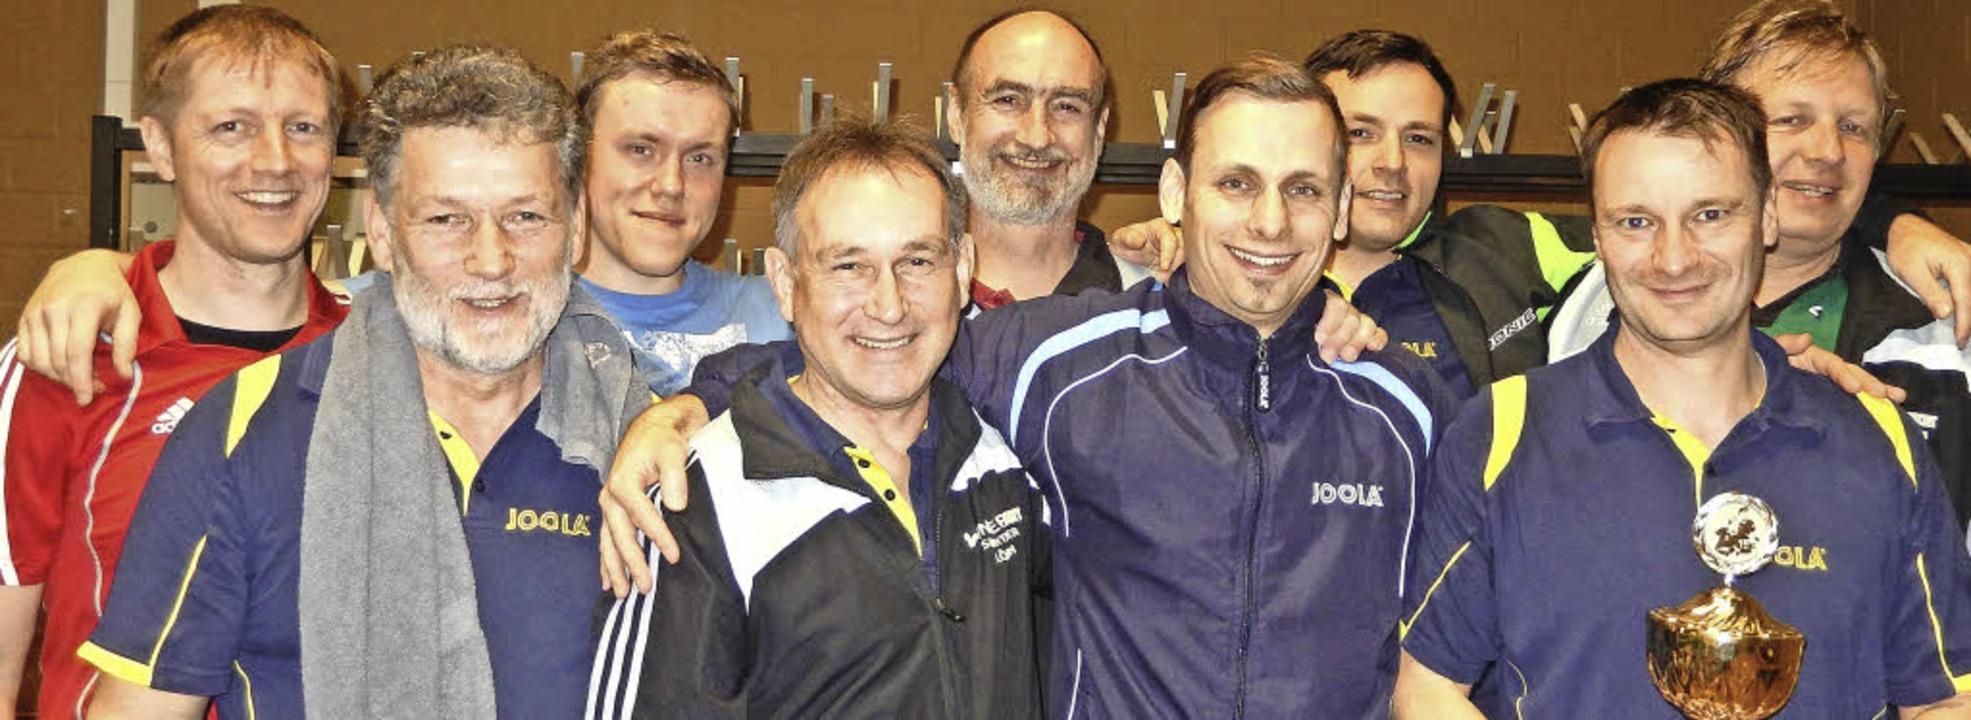 Die neun besten Spieler unter sich:  (...cke, Redo Dickhaut  und  Rainer Selz.     Foto: Katharina Maß